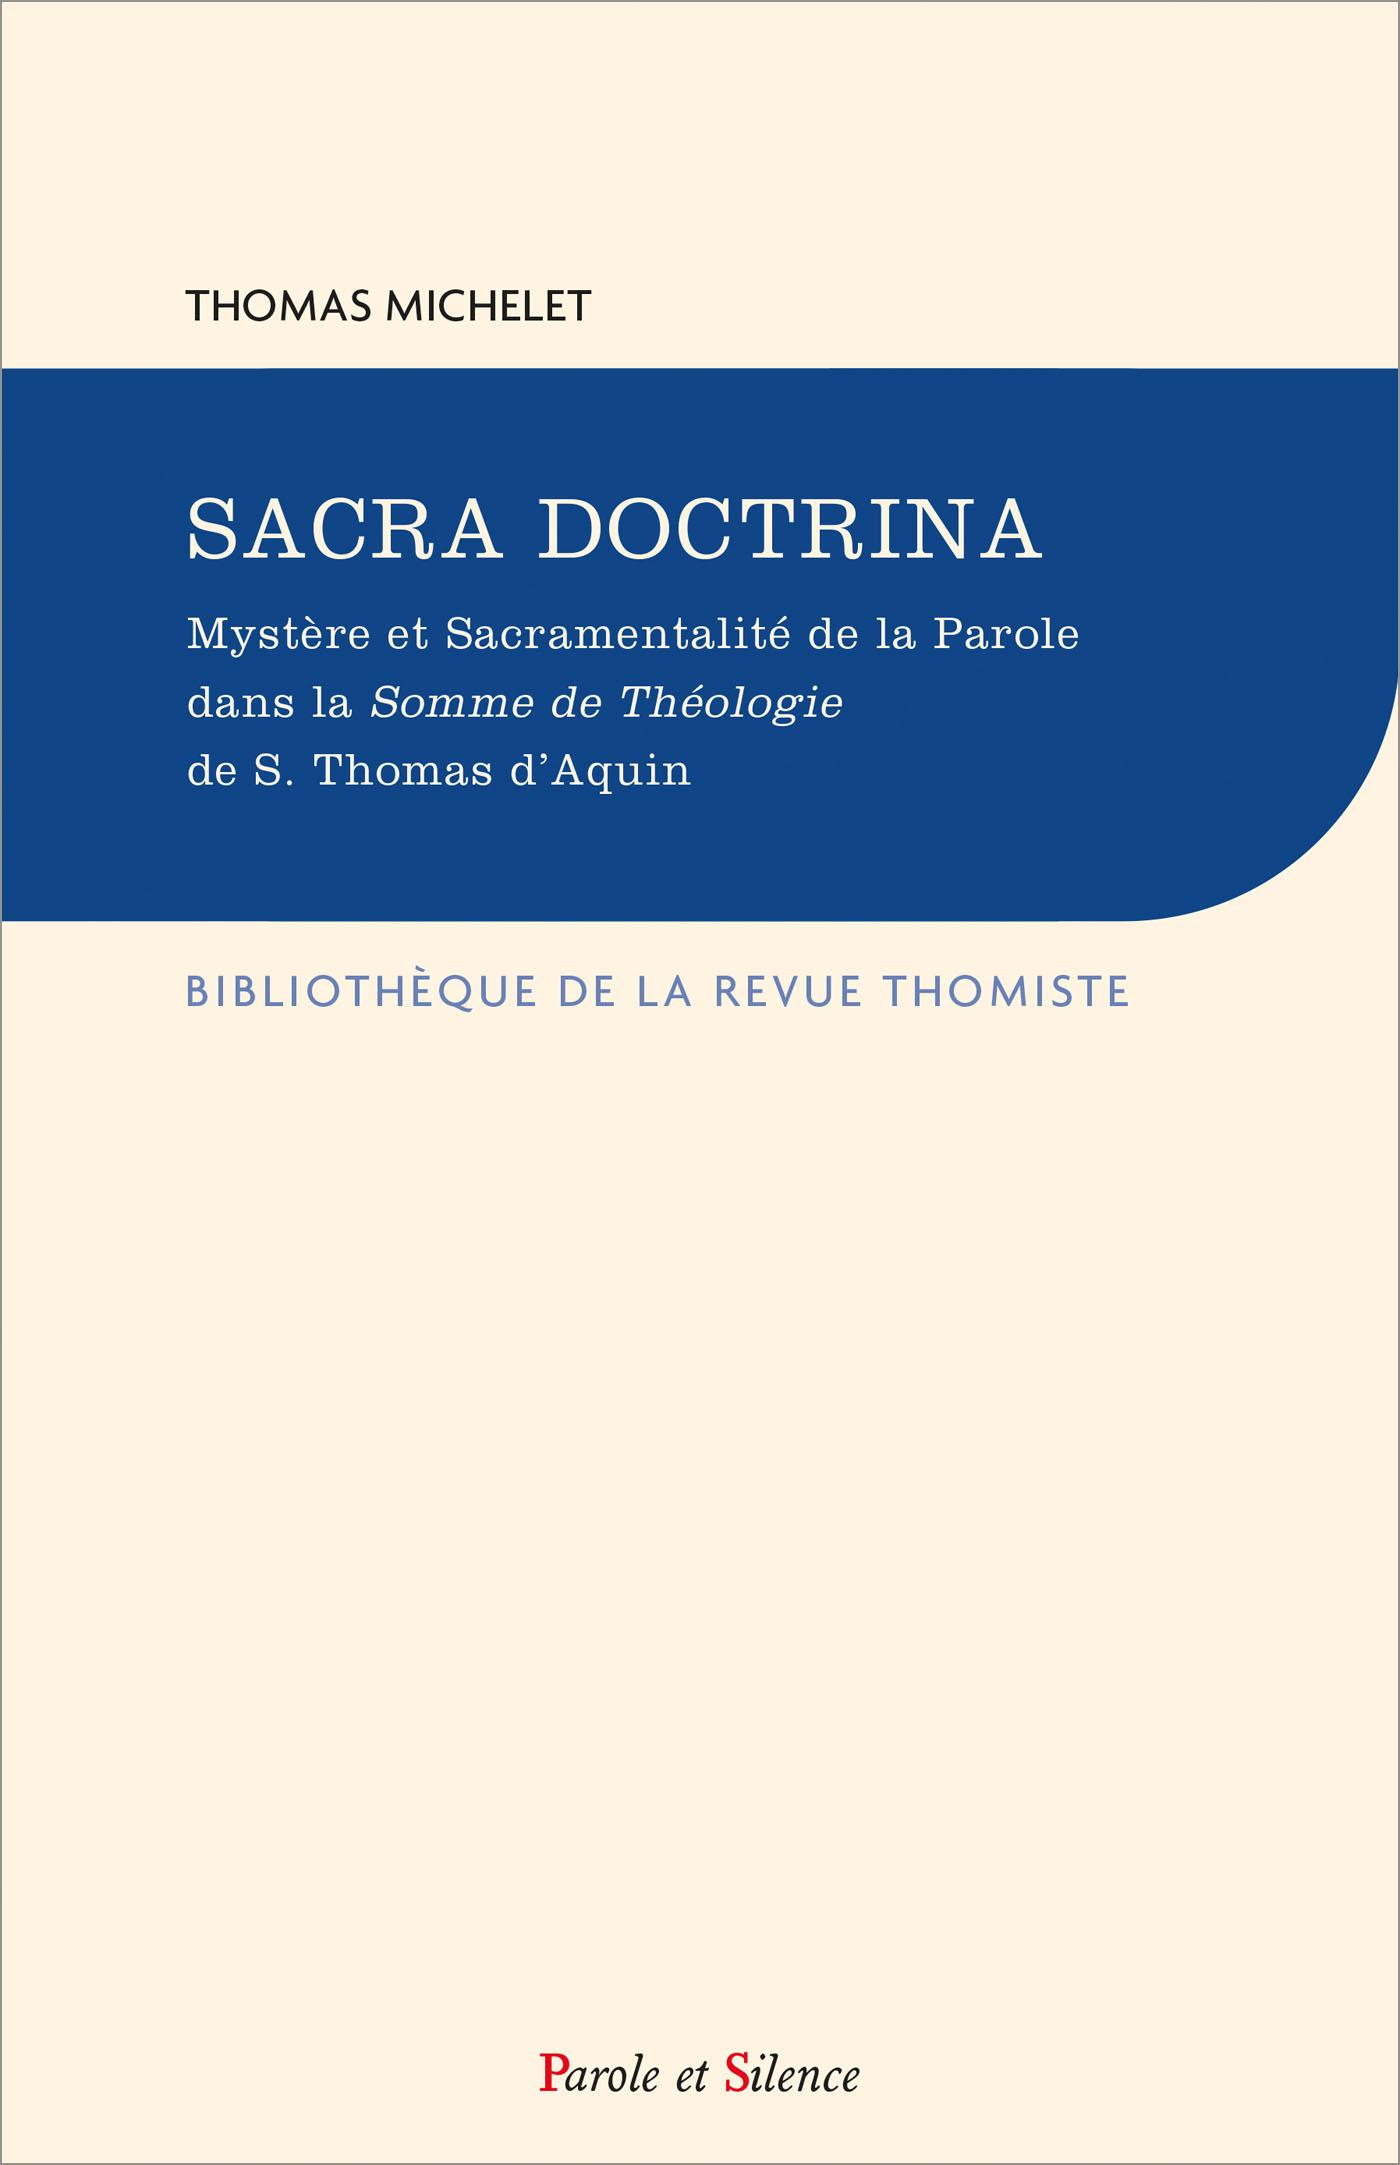 Sacra doctrina